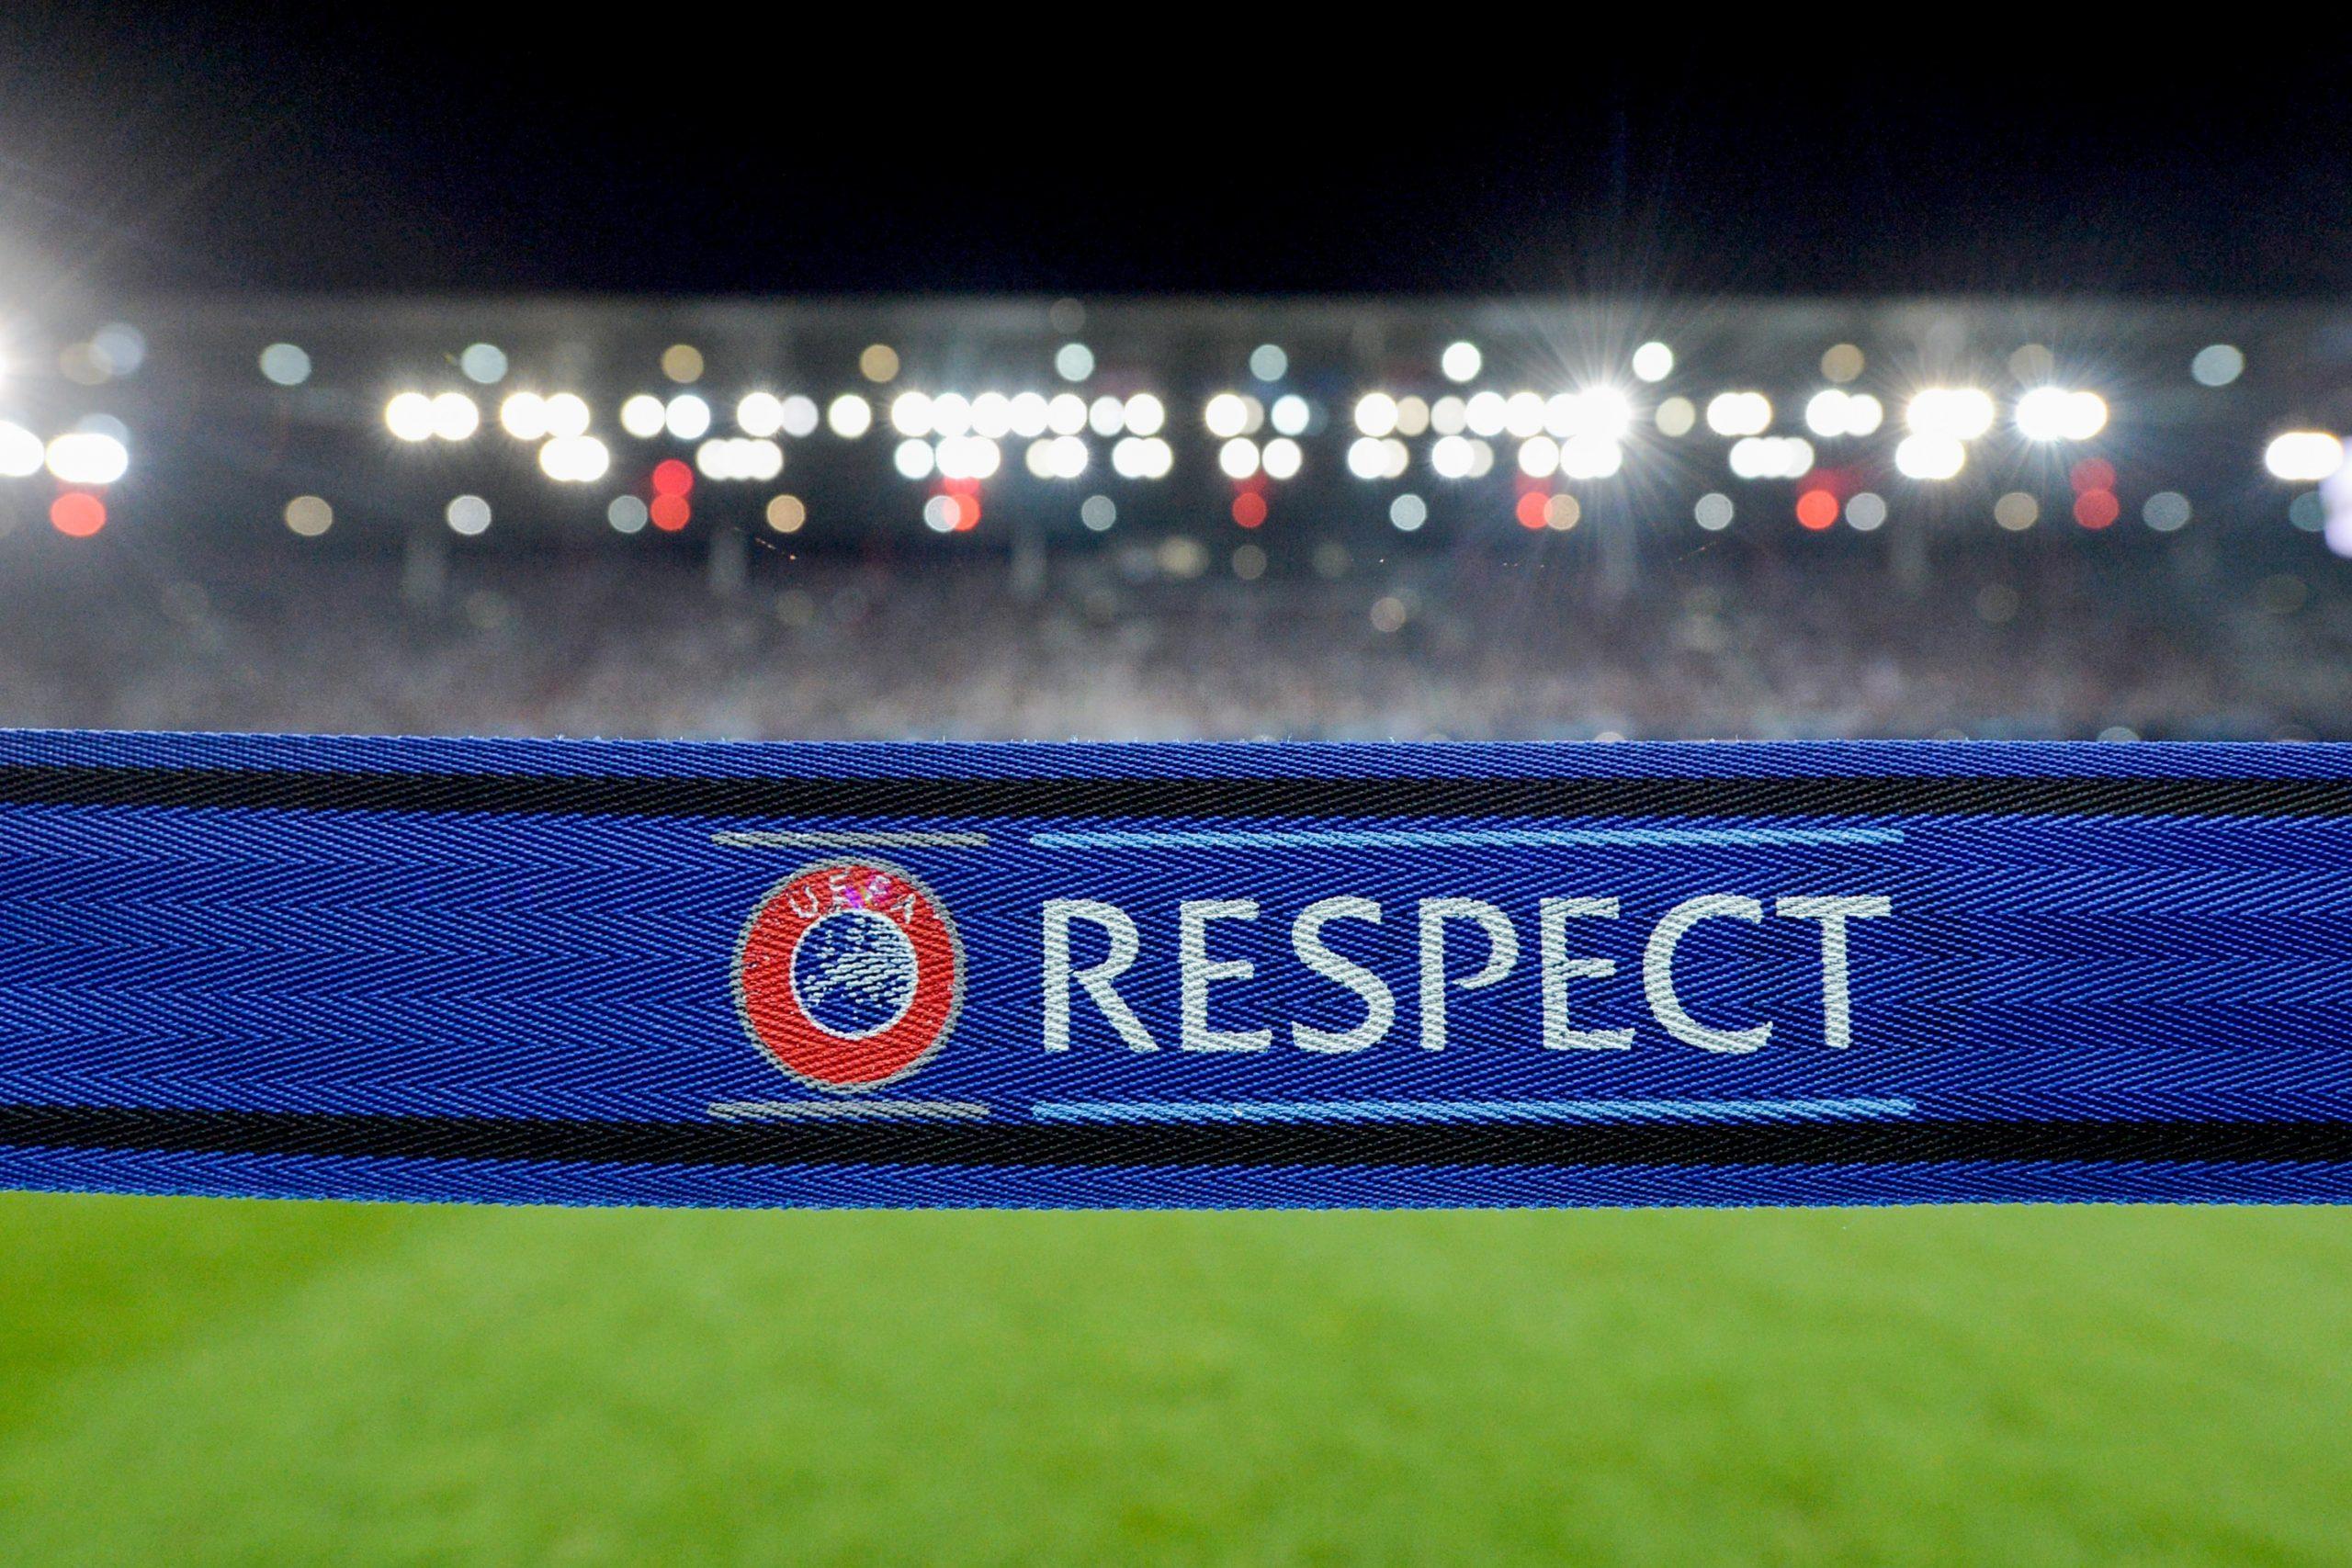 Officiel - Euro 2020 et Copa America 2020 reportés en 2021, Ligue des Champions et Europa League suspendues